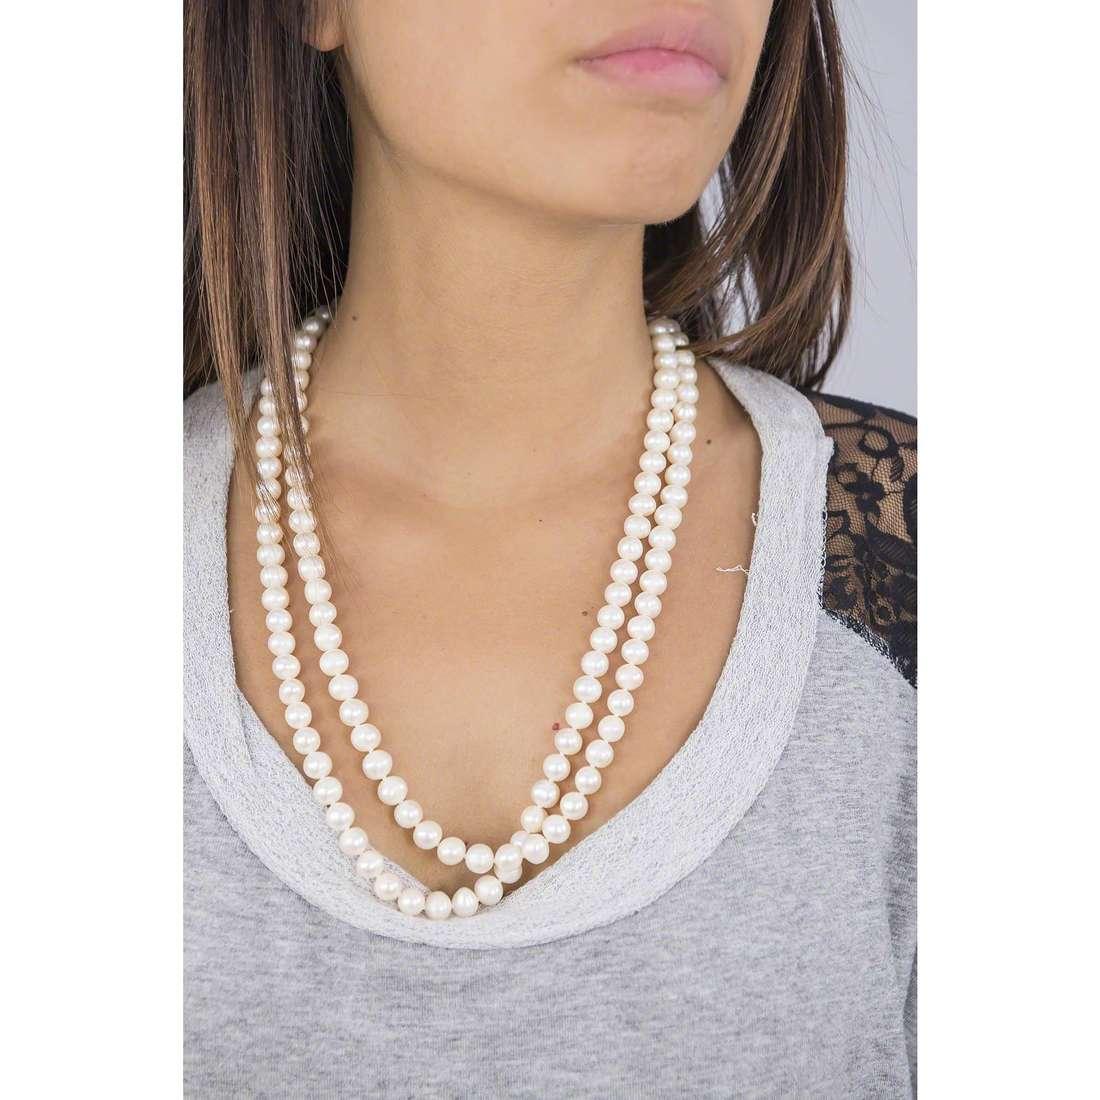 Comete necklaces Fili primavera woman FBQ 103 photo wearing